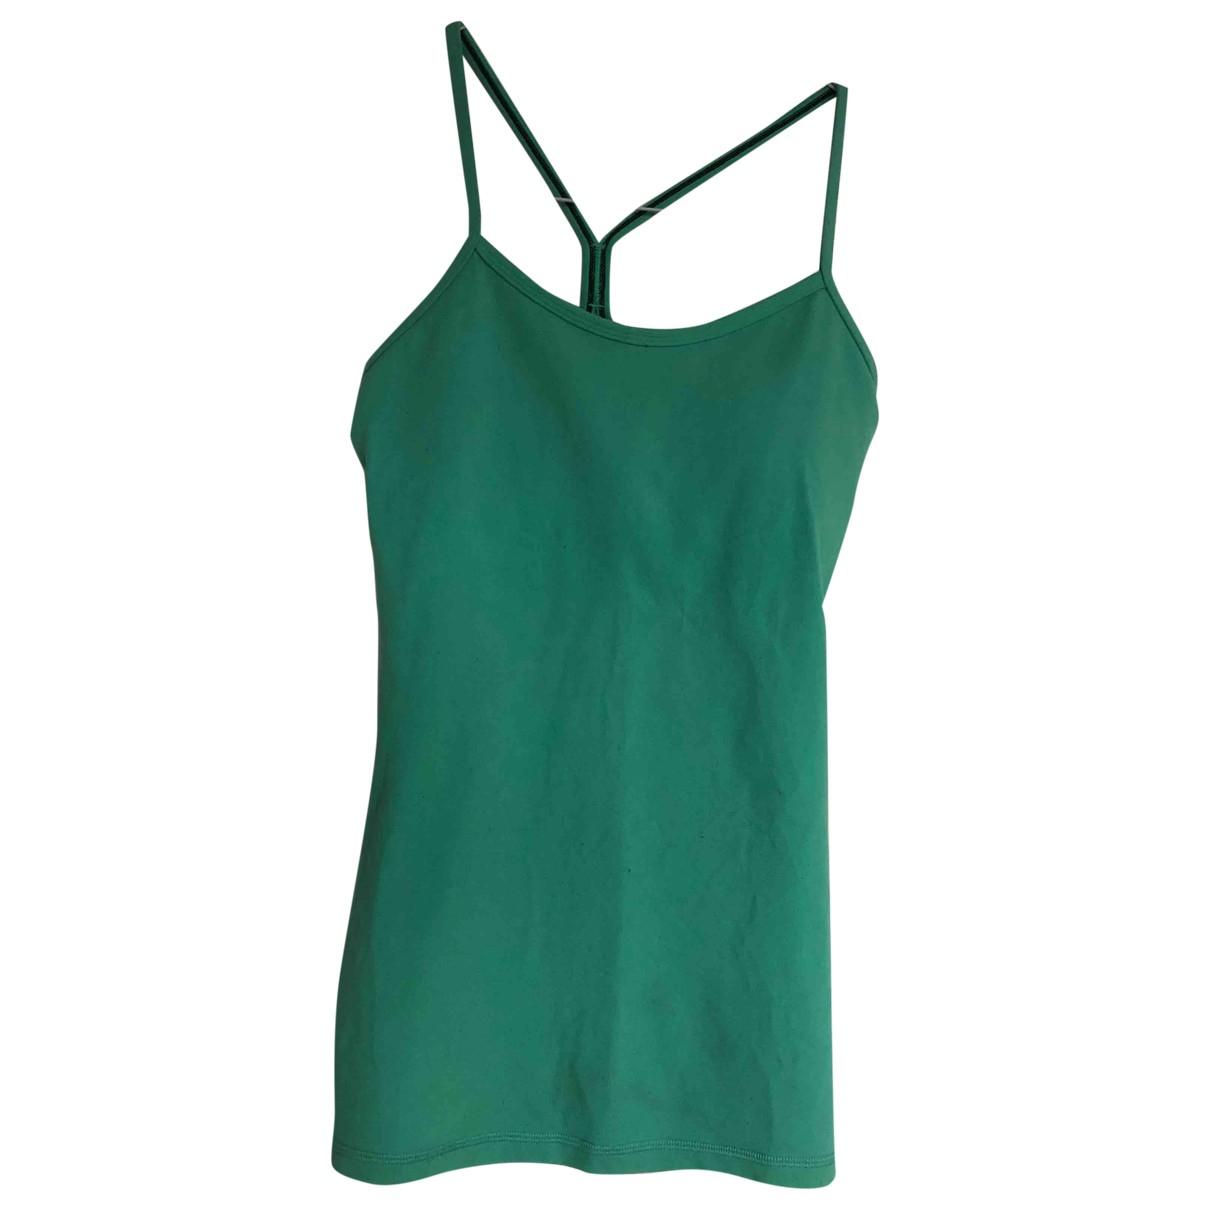 Lululemon - Top   pour femme en coton - turquoise